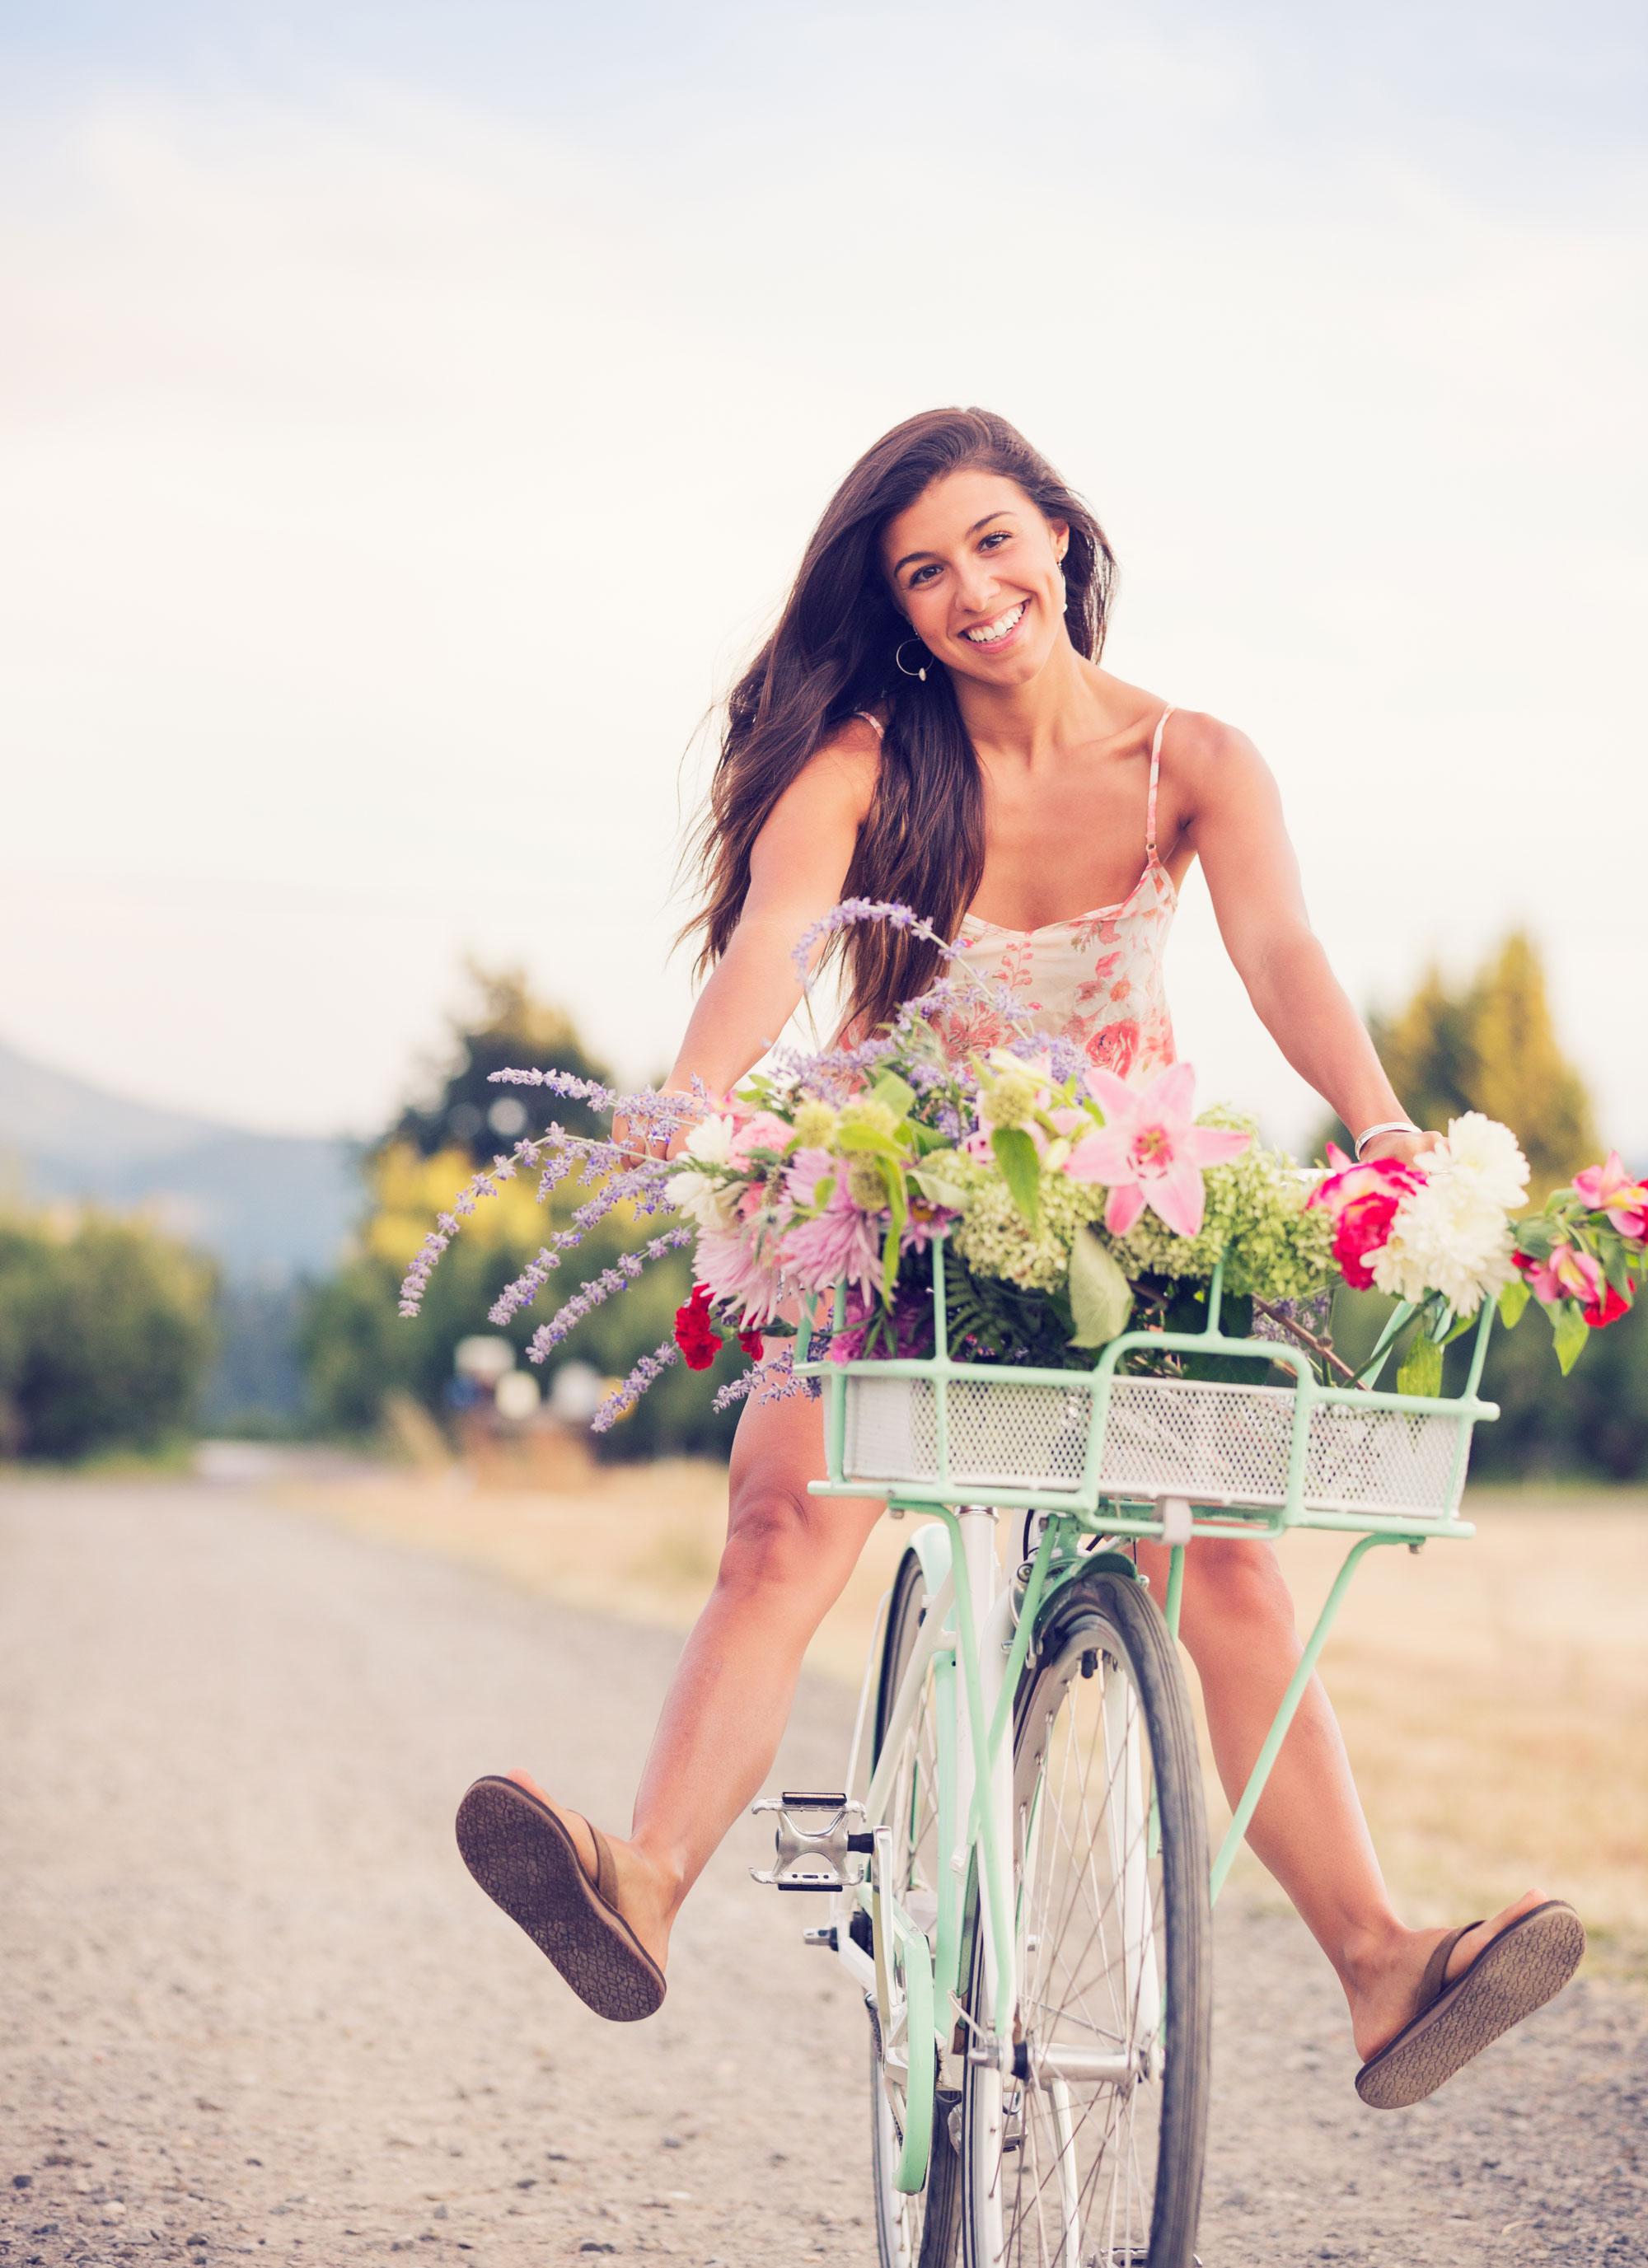 harmony girl on bicycle